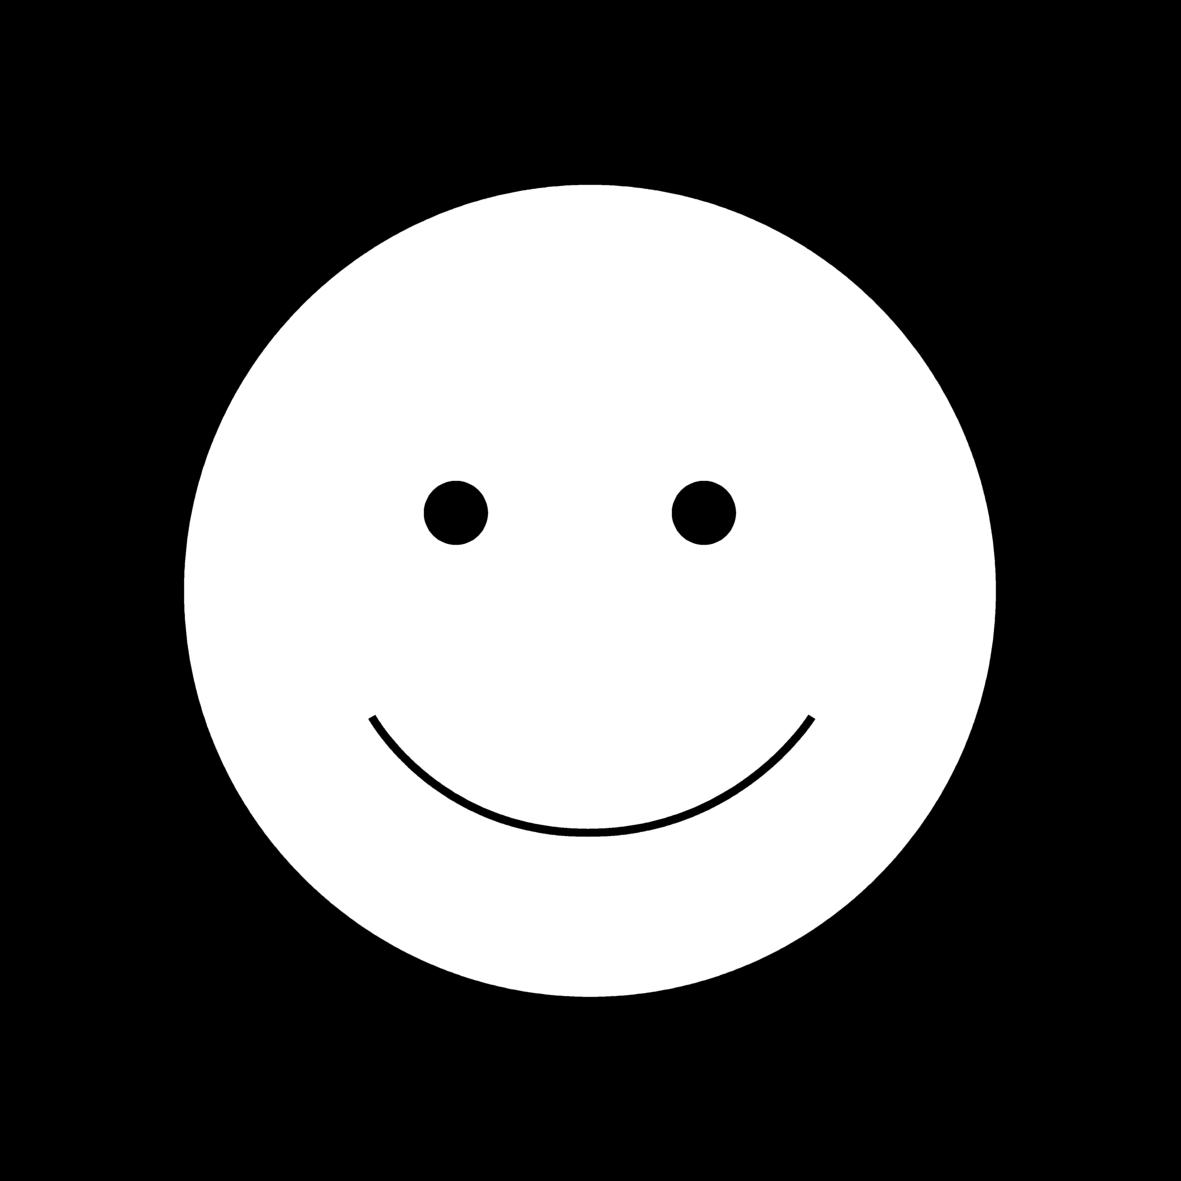 kleurplaat blij boos verdrietig kleurplaat smiley